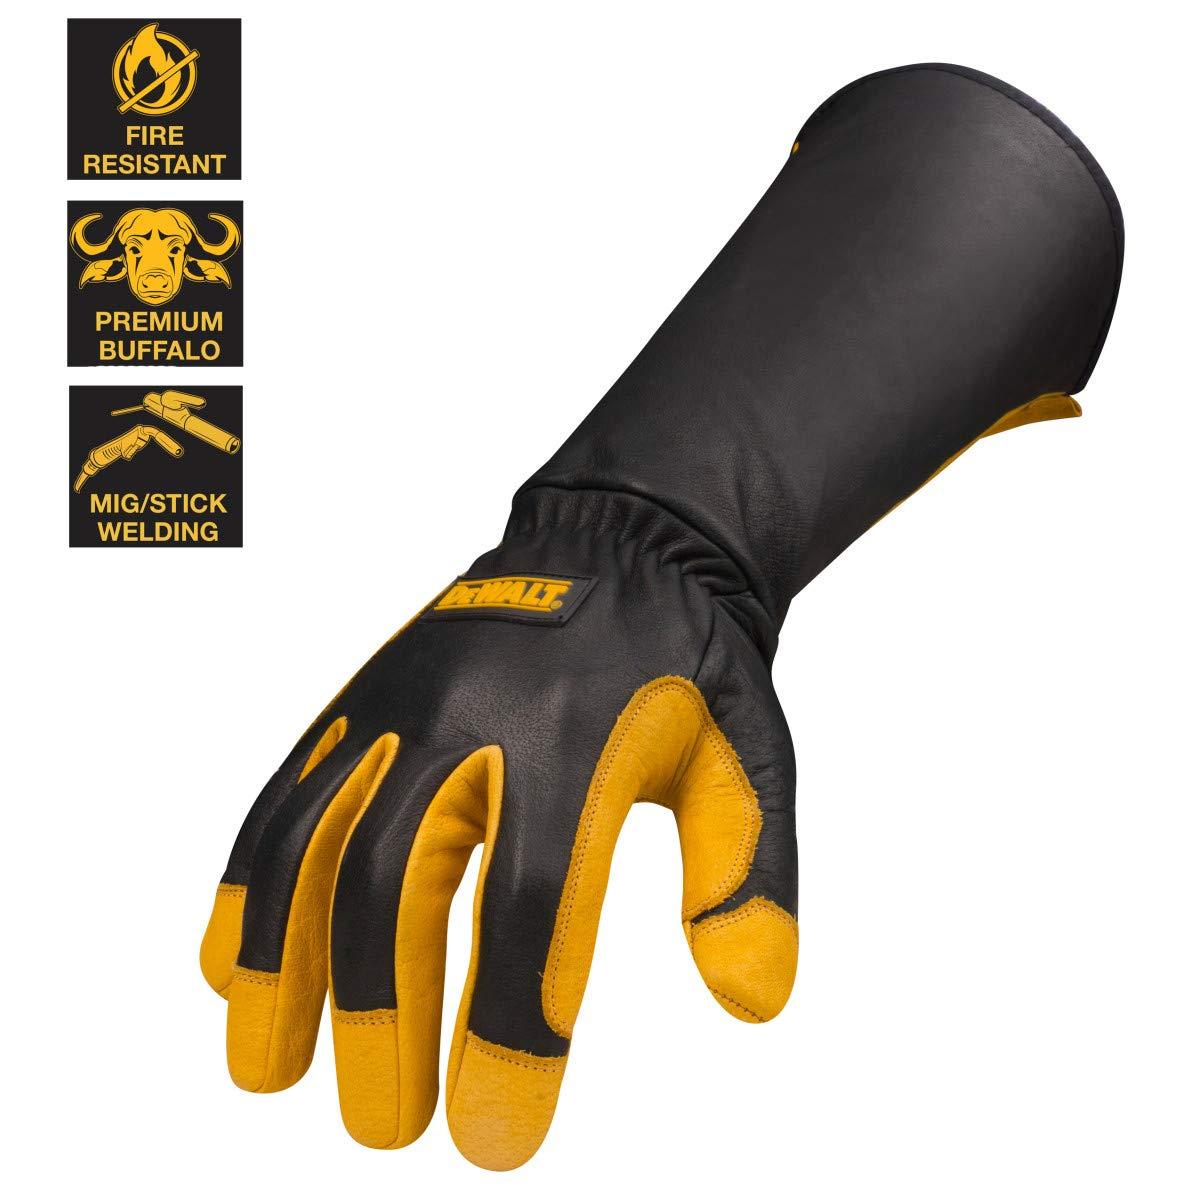 DEWALT DXMF04051MD Premium Leather Welding Gloves, Medium by DEWALT (Image #4)